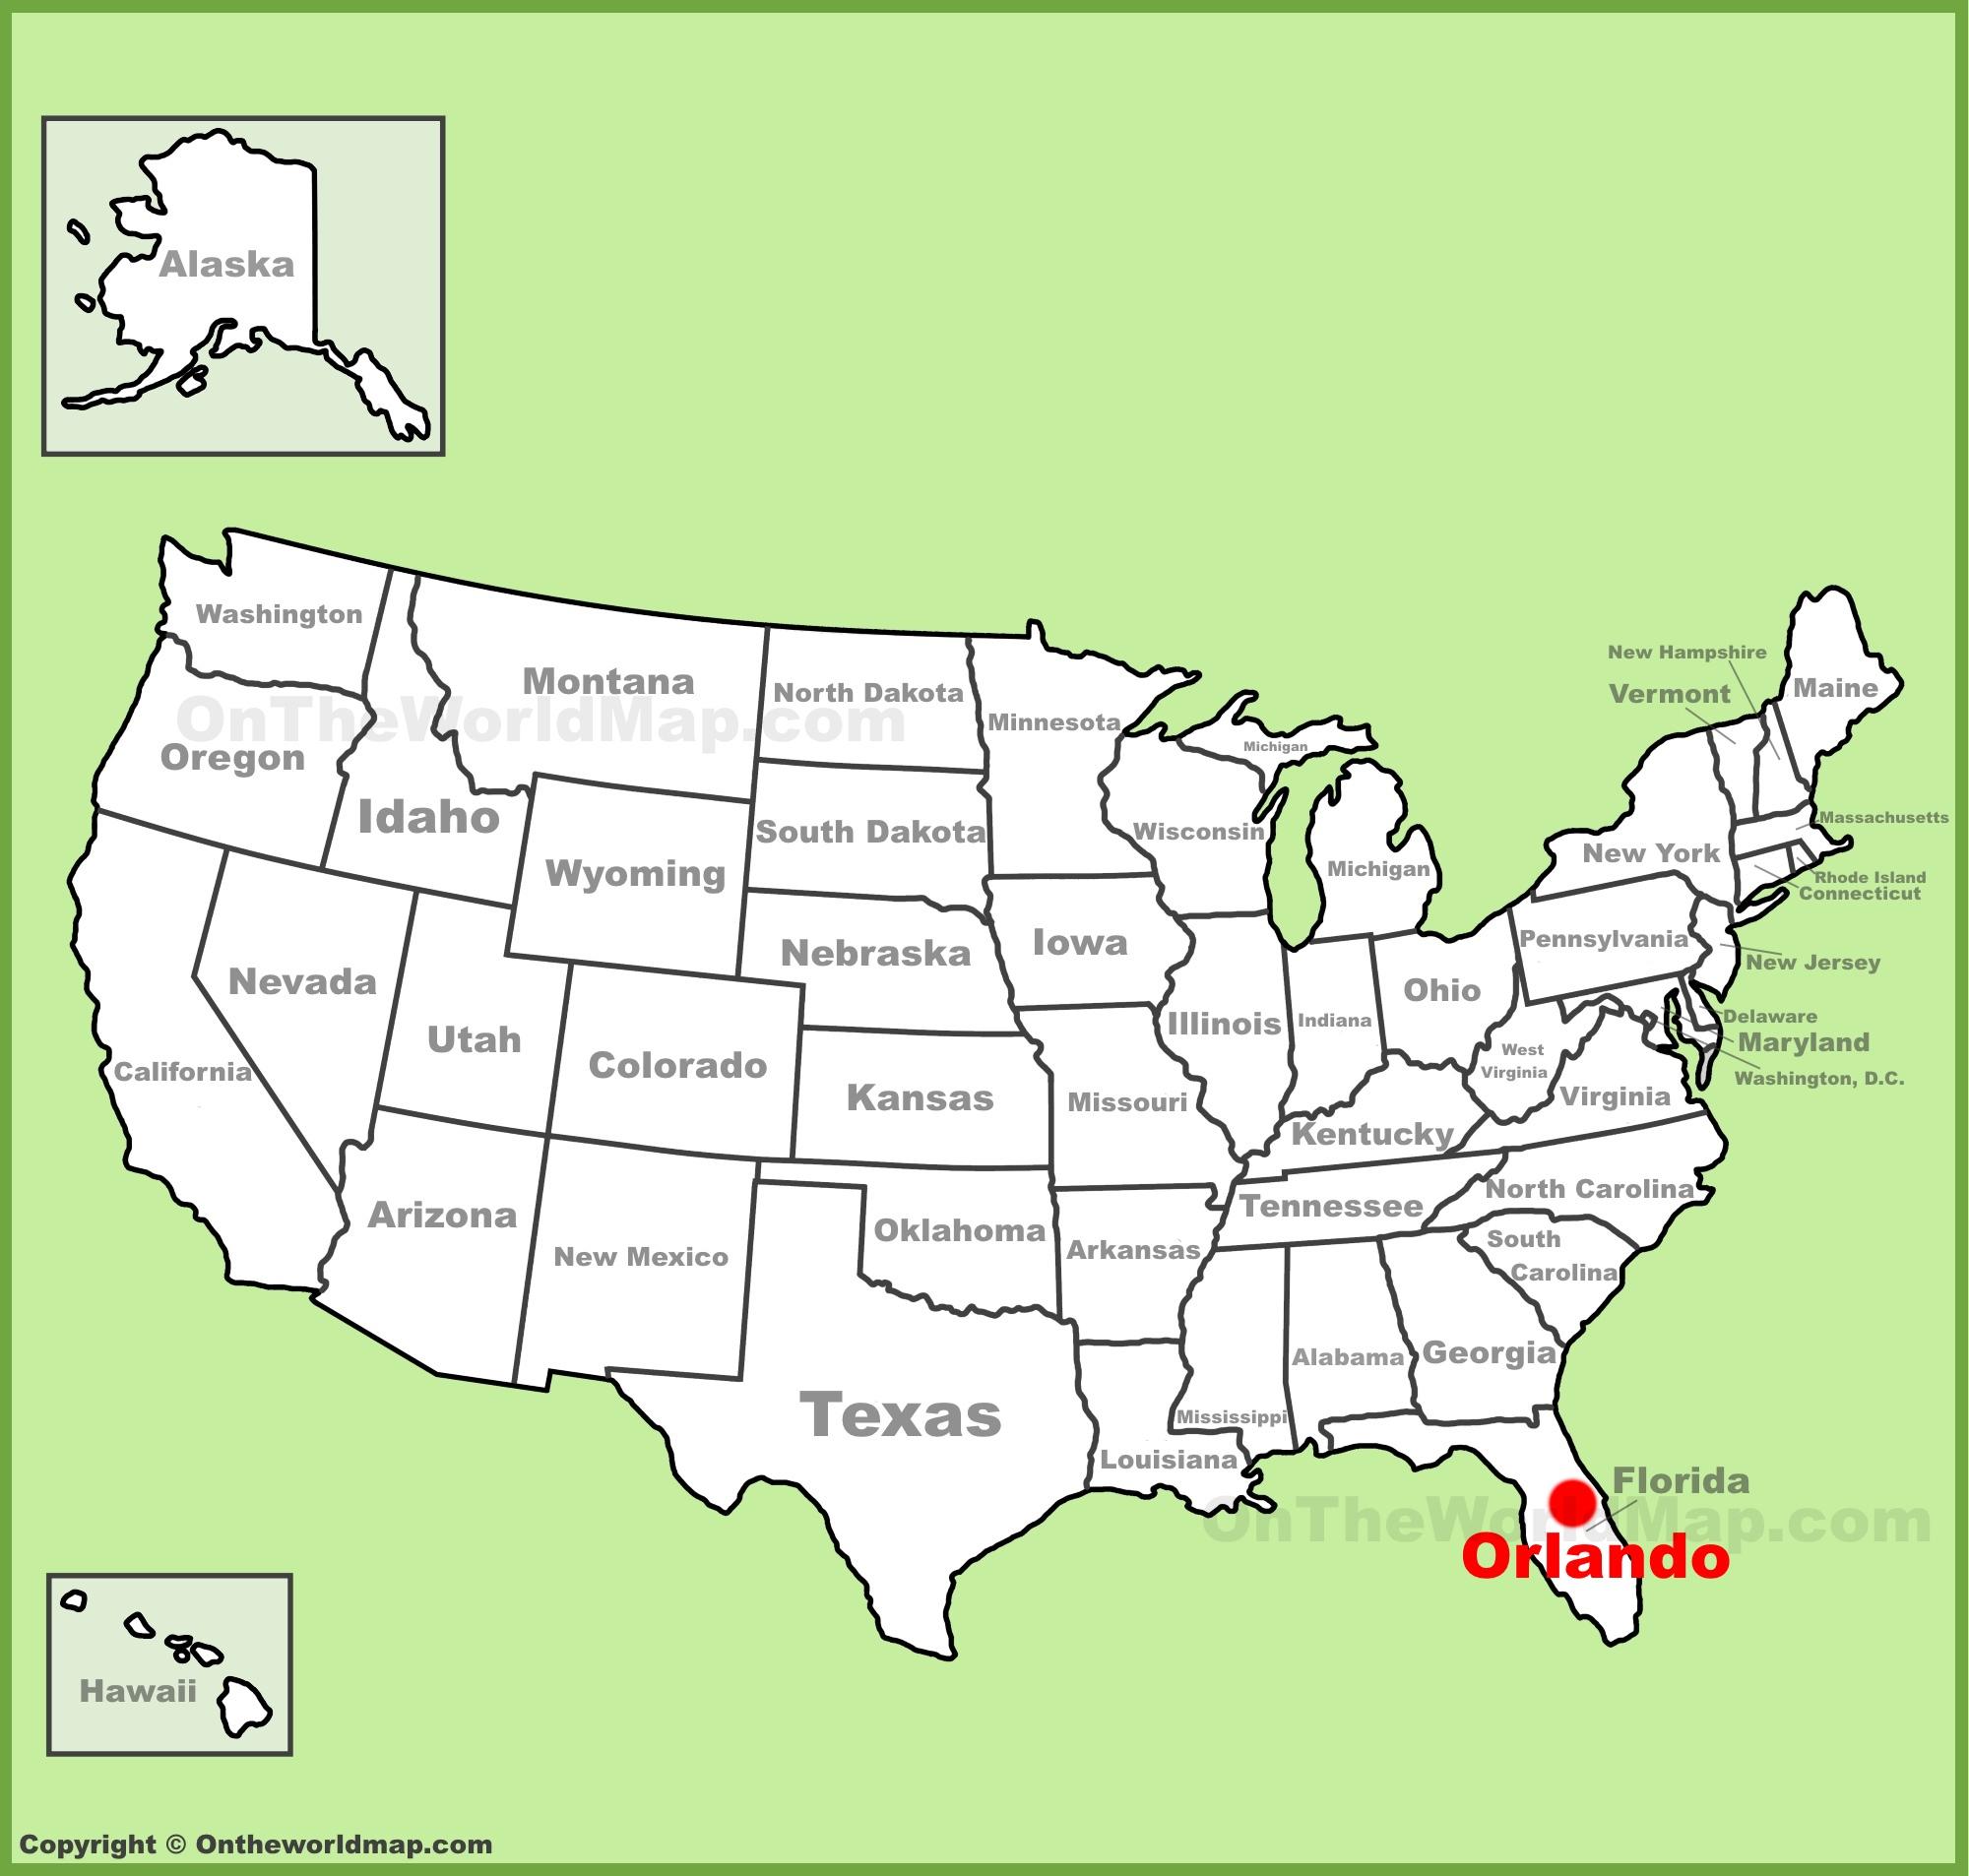 Orlando Maps | Florida, U.s. | Maps Of Orlando - Map Of Orlando Florida Area